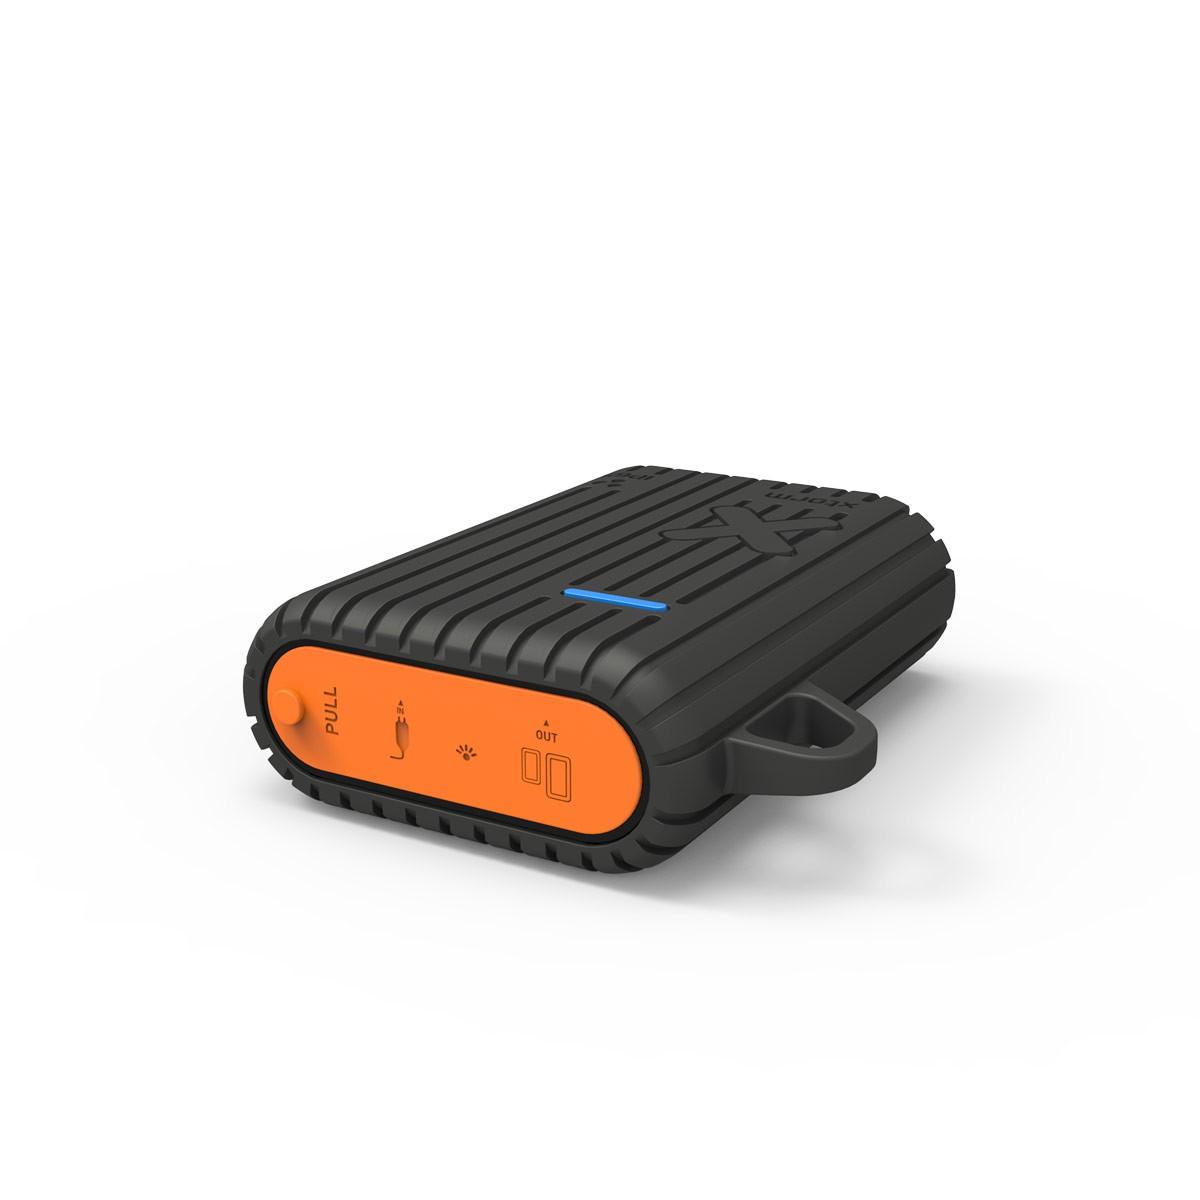 Xtorm - Power Bank Xtreme 9000mAh vízálló külső töltő